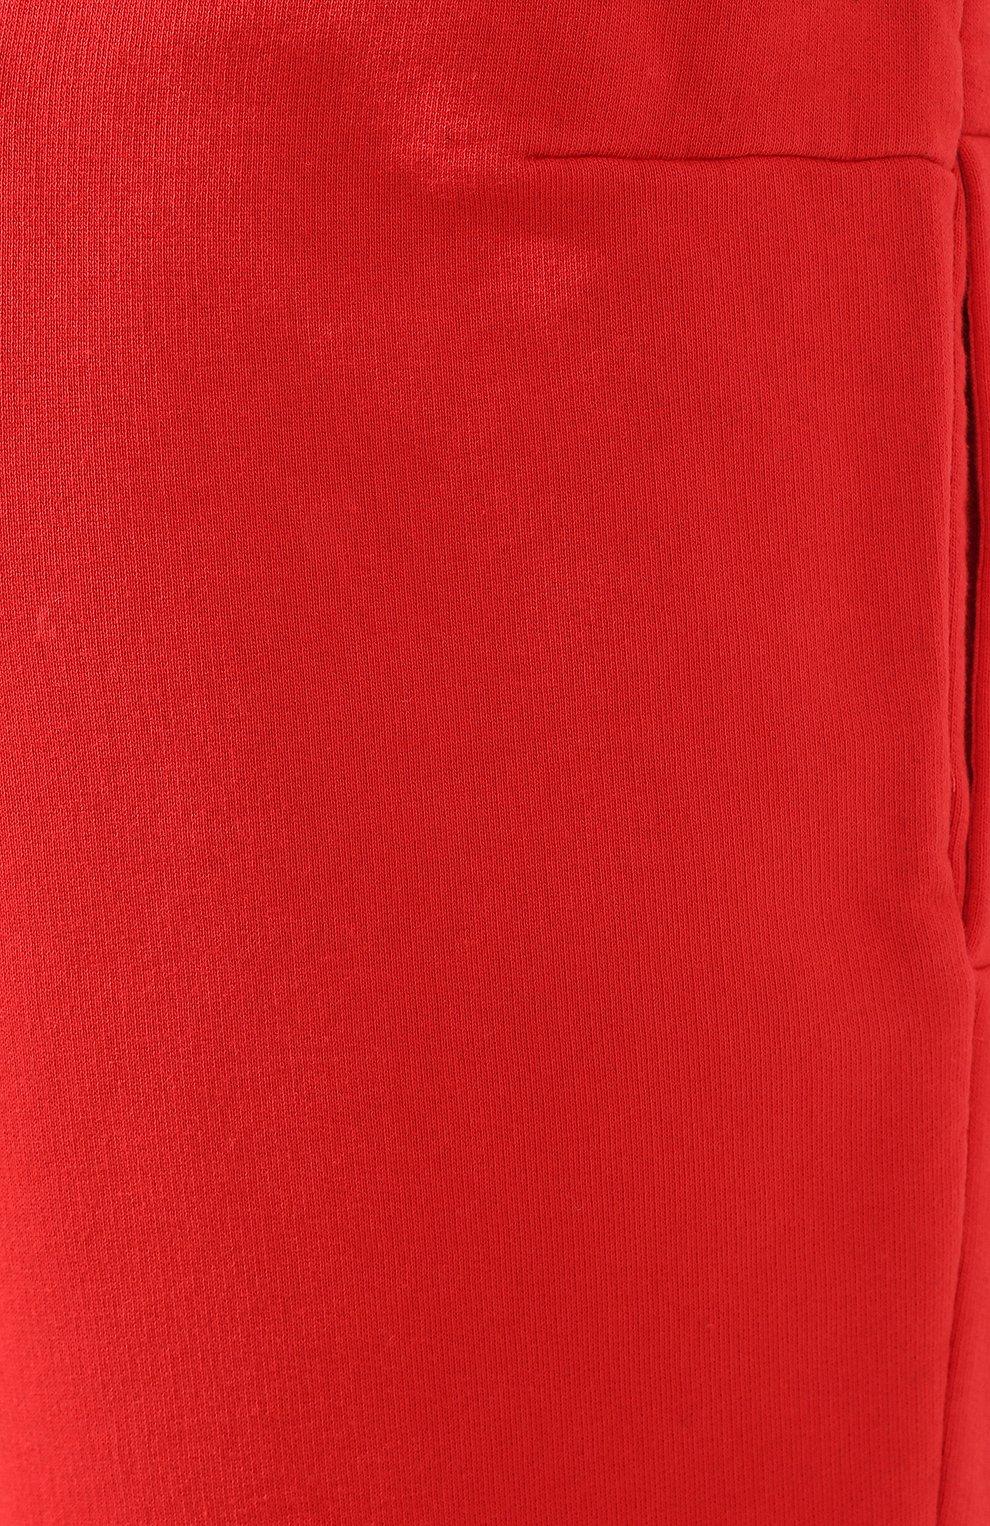 Мужские хлопковые шорты OFF-WHITE красного цвета, арт. 0MCI006E19E300032091 | Фото 5